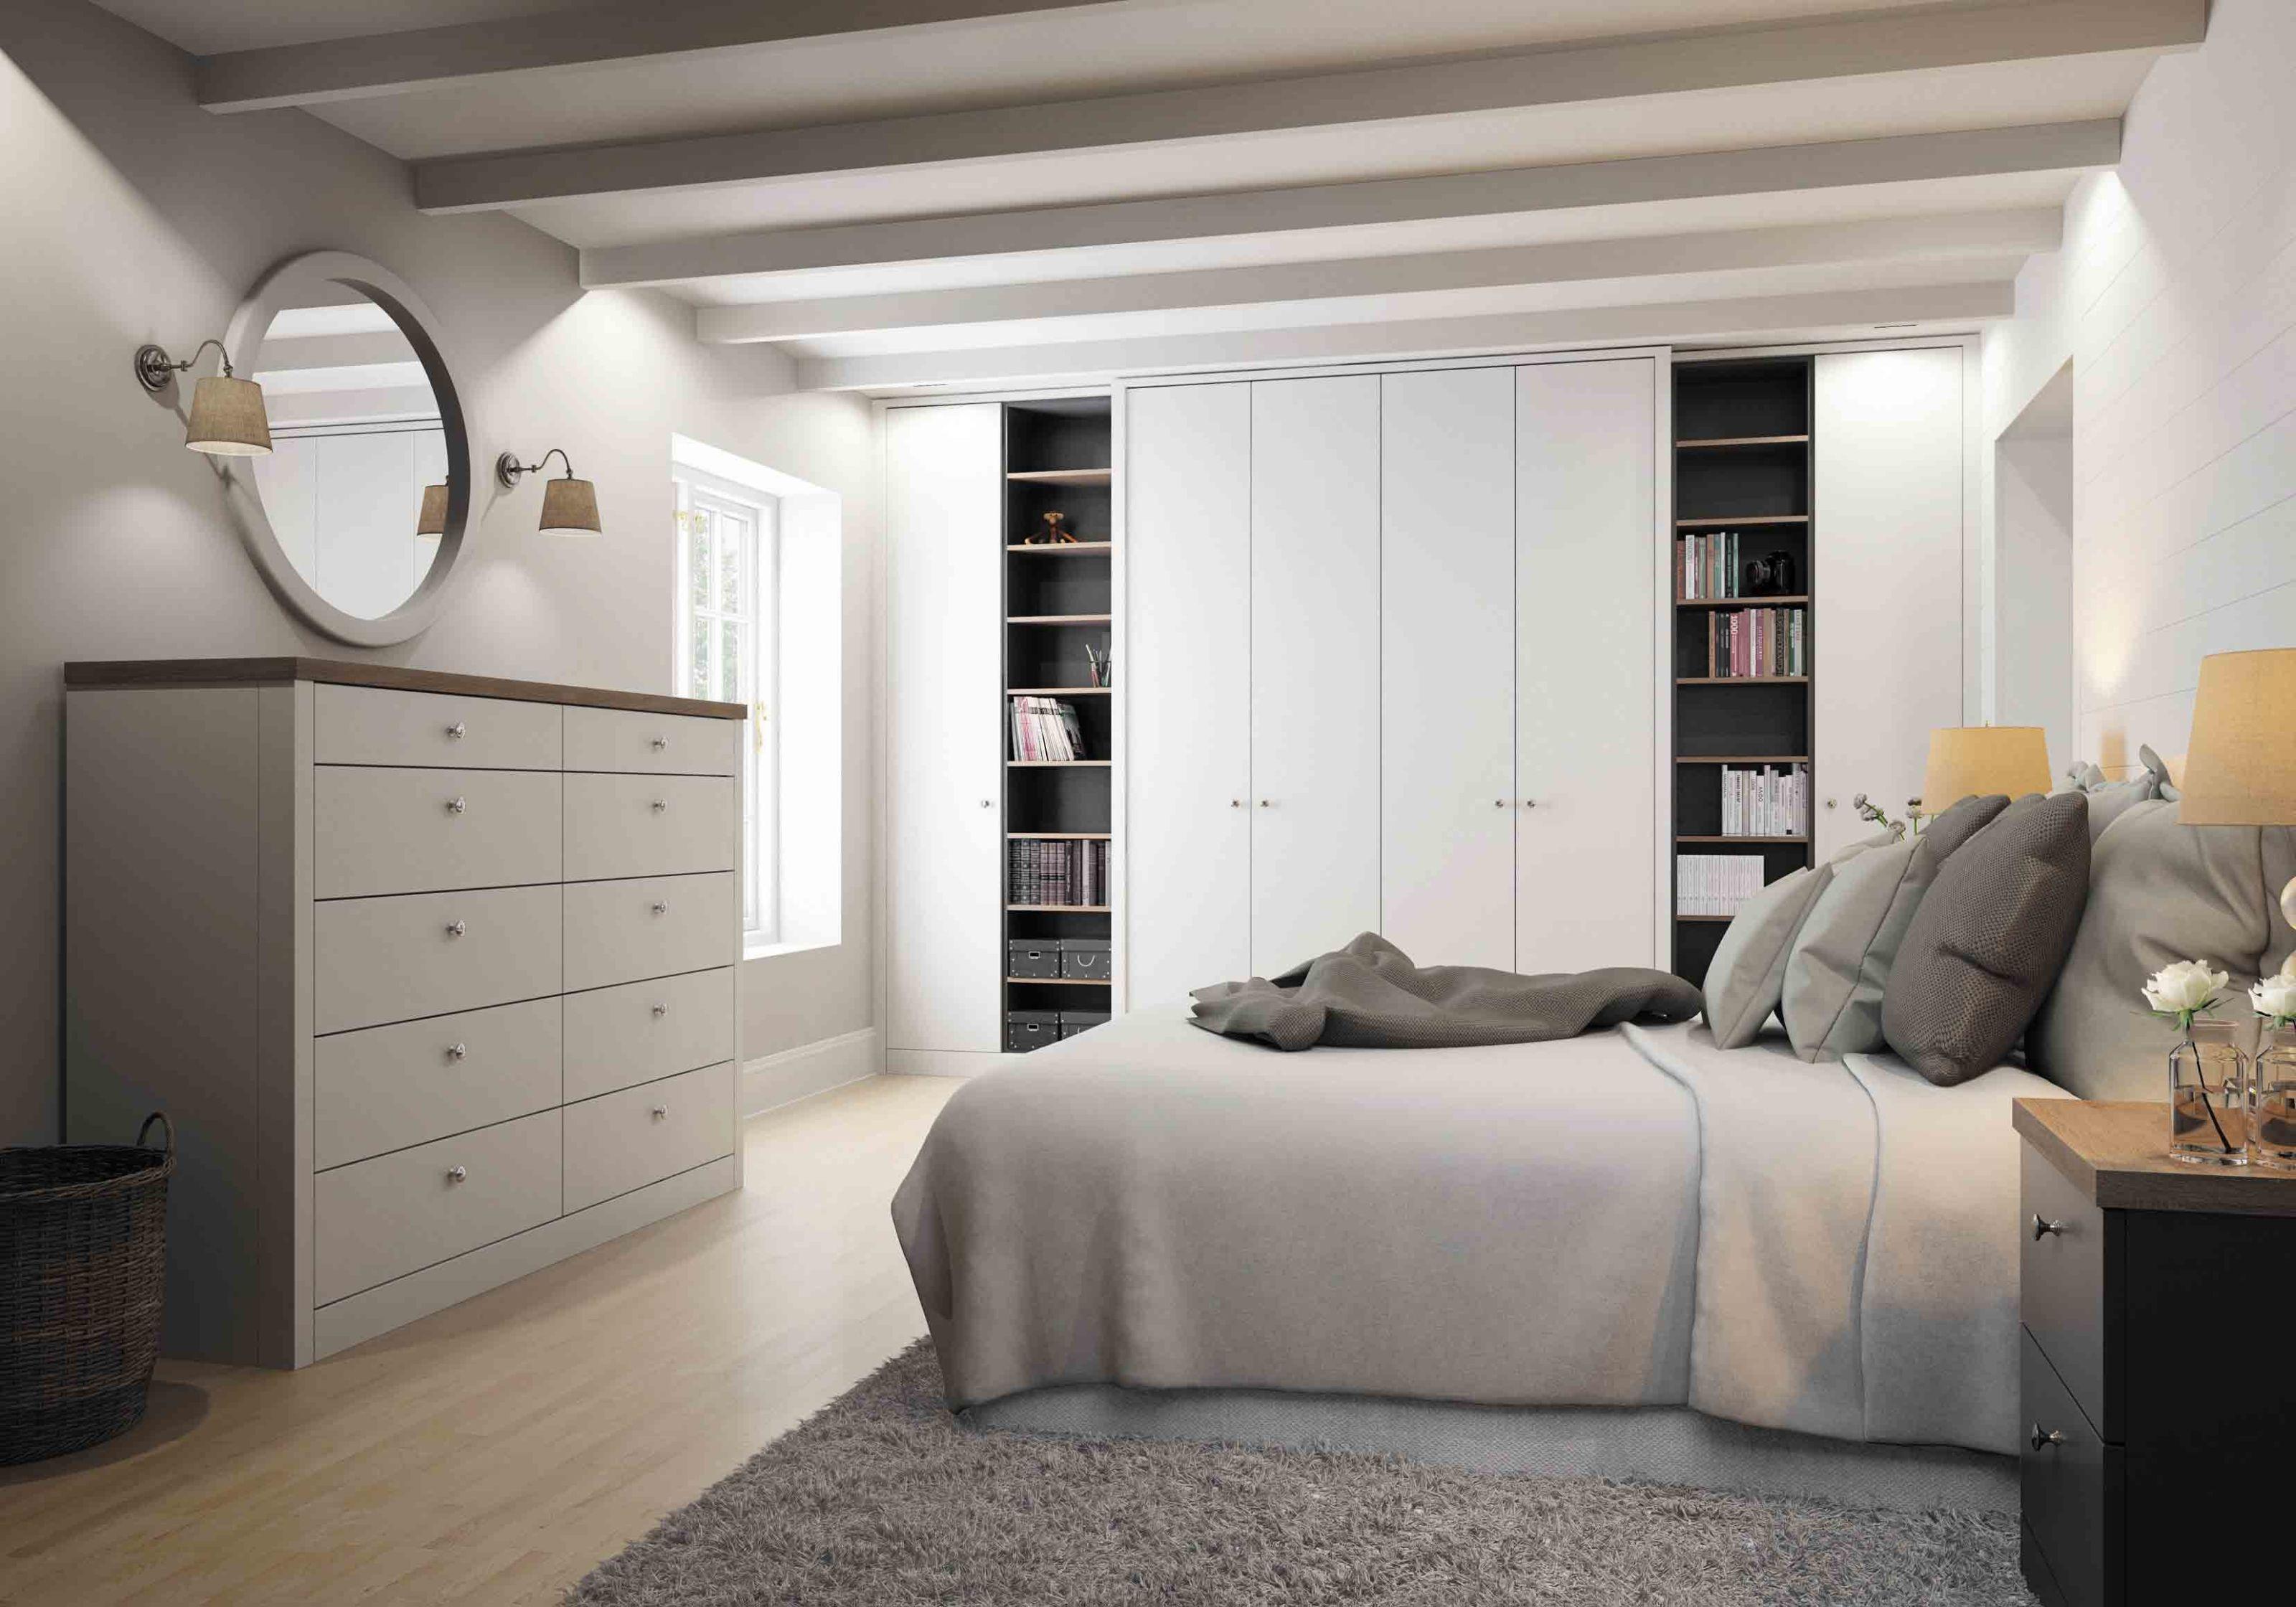 Bedroom Design Trends 2018 - Modern Bedroom Ideas on Trendy Bedroom  id=46385